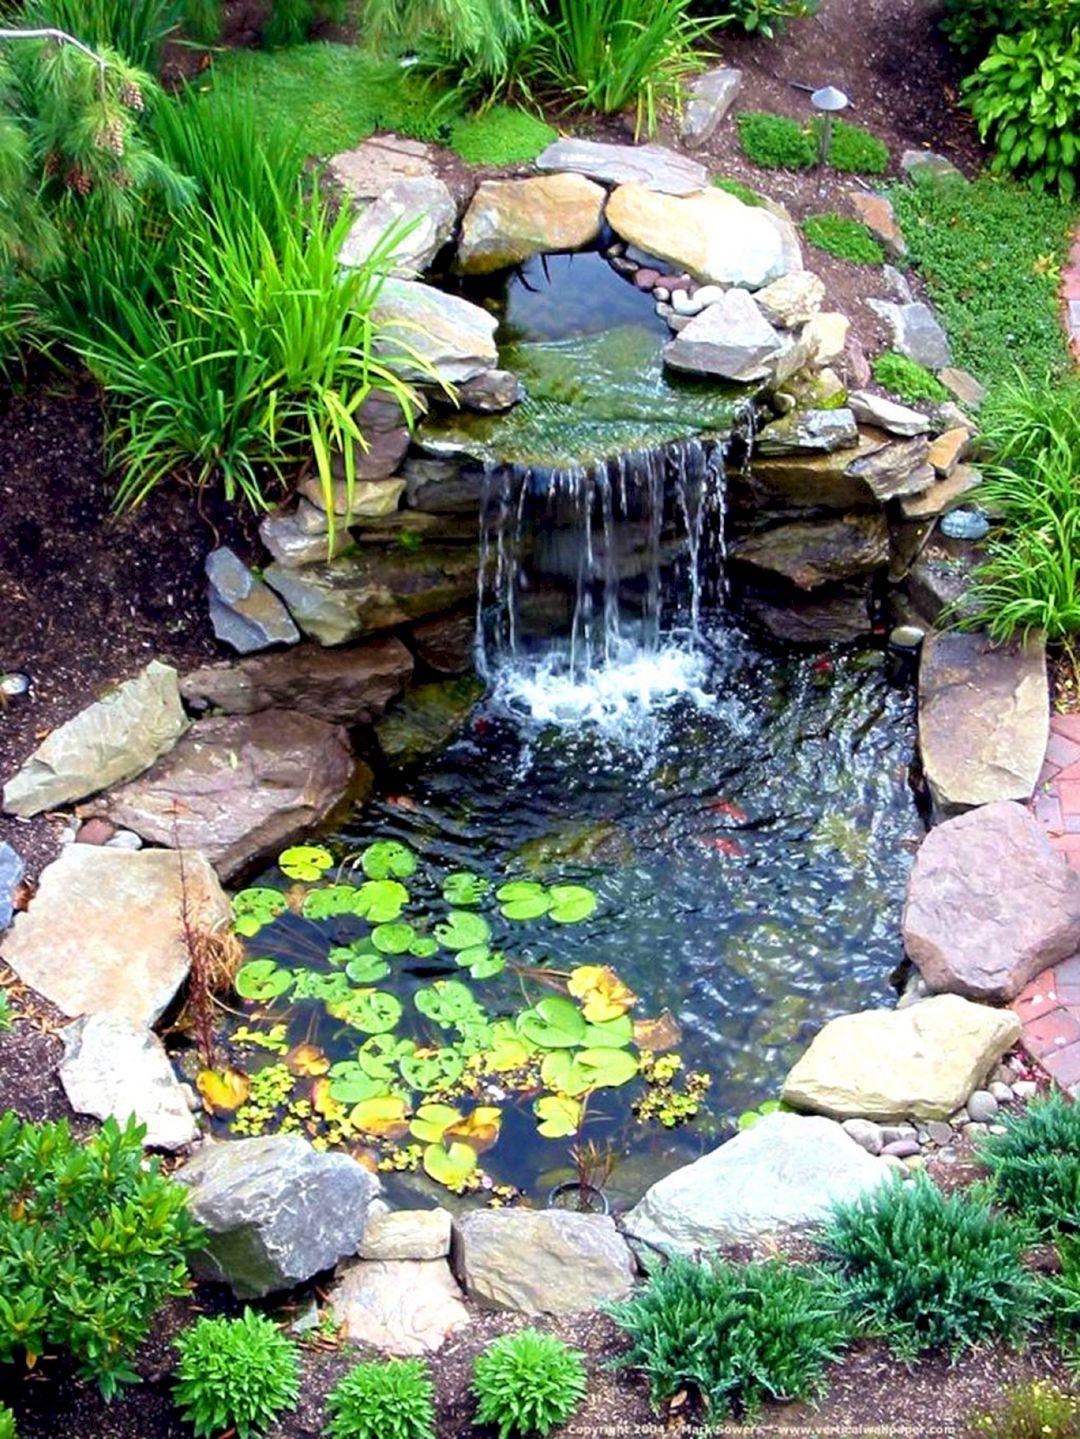 14 Diy Backyard Waterfall Ideas To Beautify Your Home Garden Dexorate Waterfalls Backyard Ponds Backyard Small Backyard Ponds